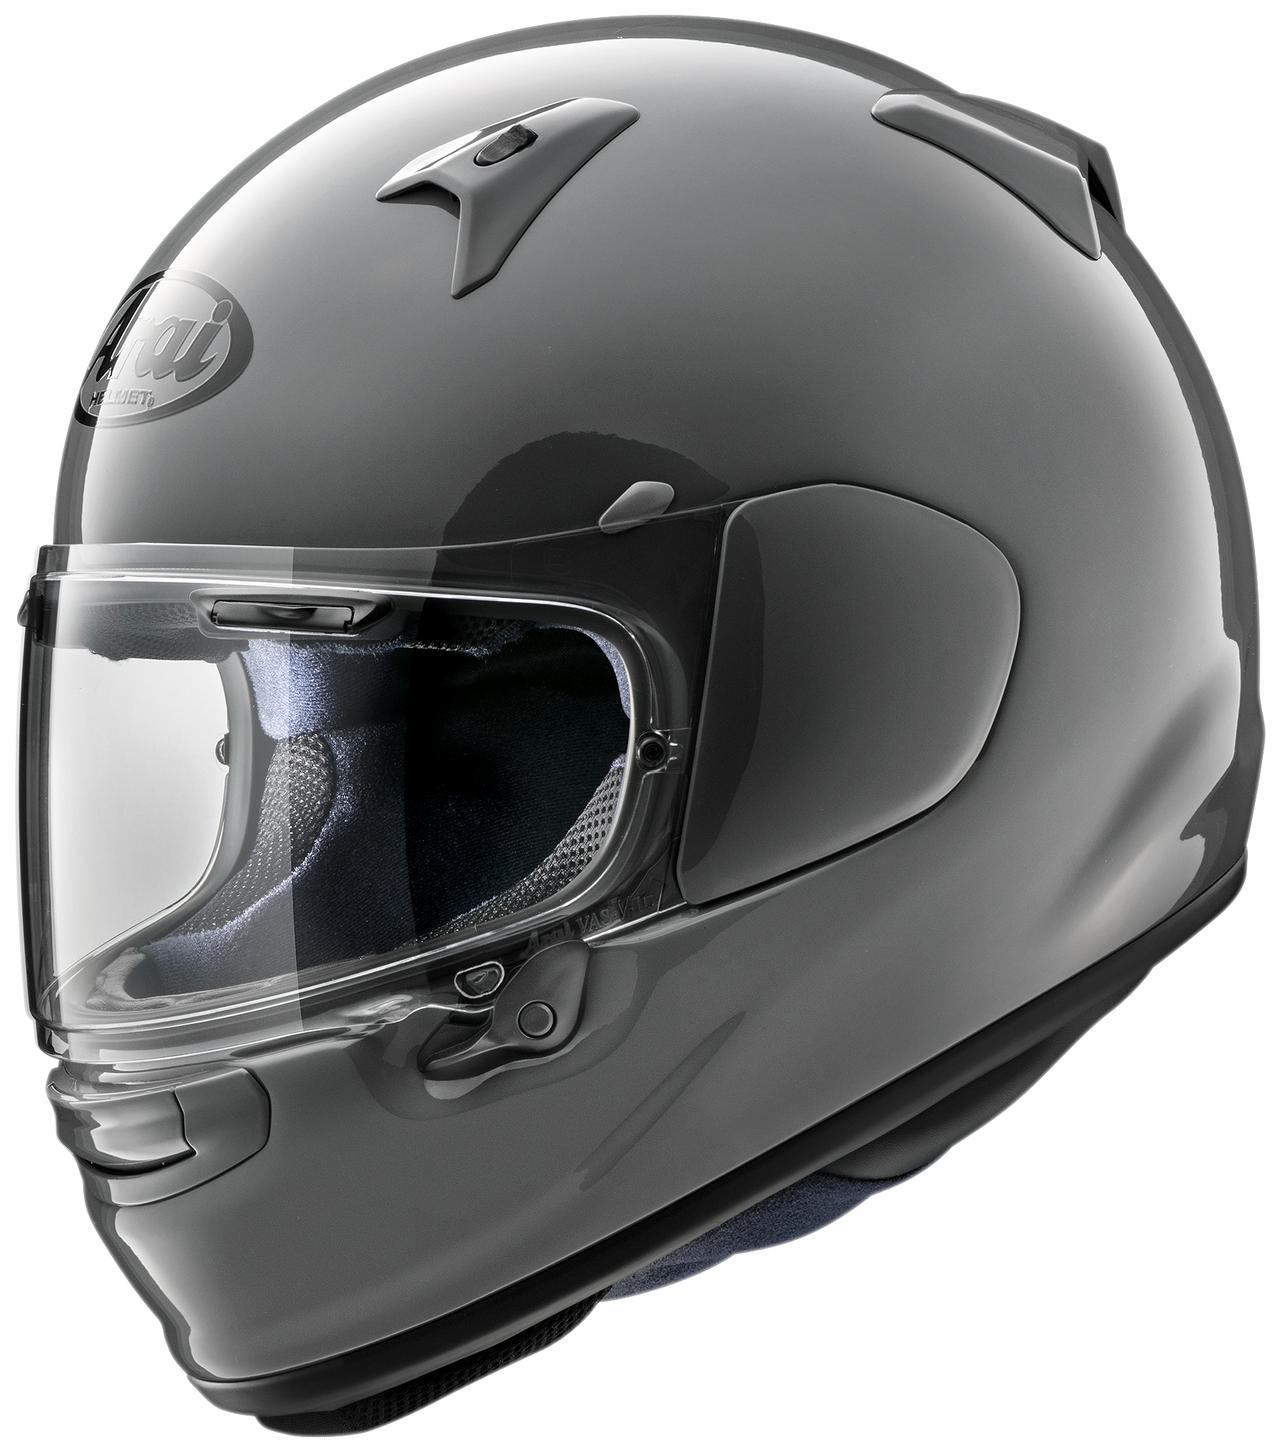 画像1: ツーリングに特化したアライの新型フルフェイスヘルメット「アストロ GX」誕生! ニューフォルムの採用、内装も新開発!